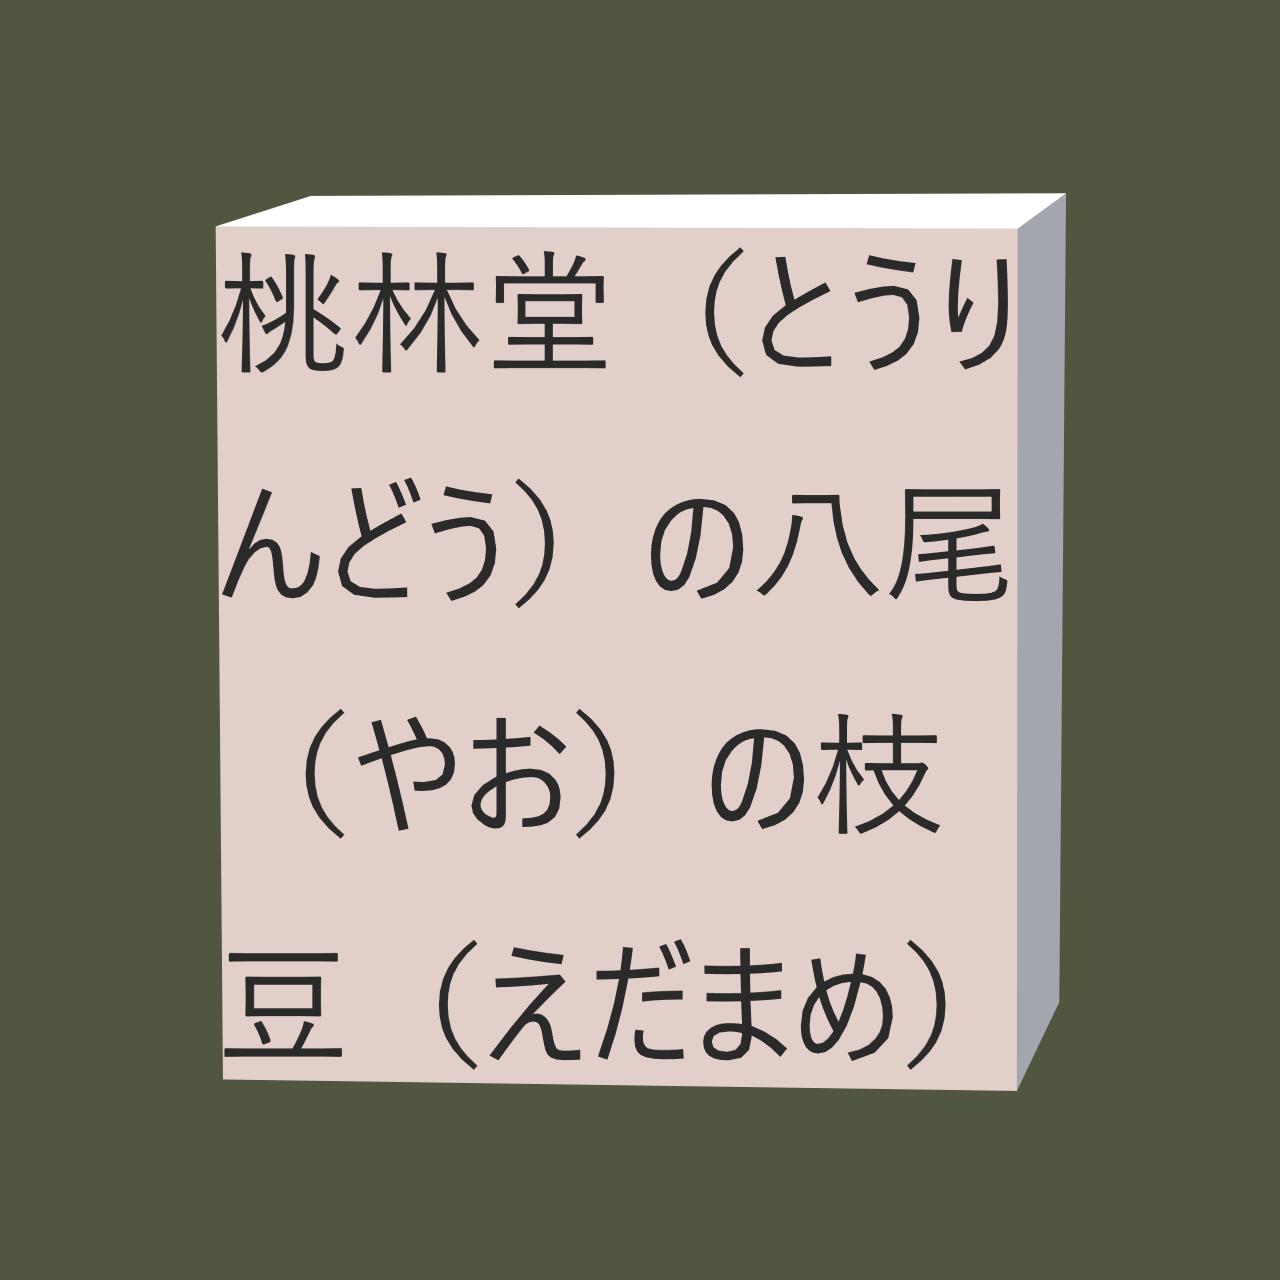 桃林堂(とうりんどう)の八尾(やお)の枝豆(えだまめ)における袋(ふくろ)の背面(はいめん)や、表面(おもてめん)、水ようかんや、たい焼(や)きなどにかかる画像(がぞう)